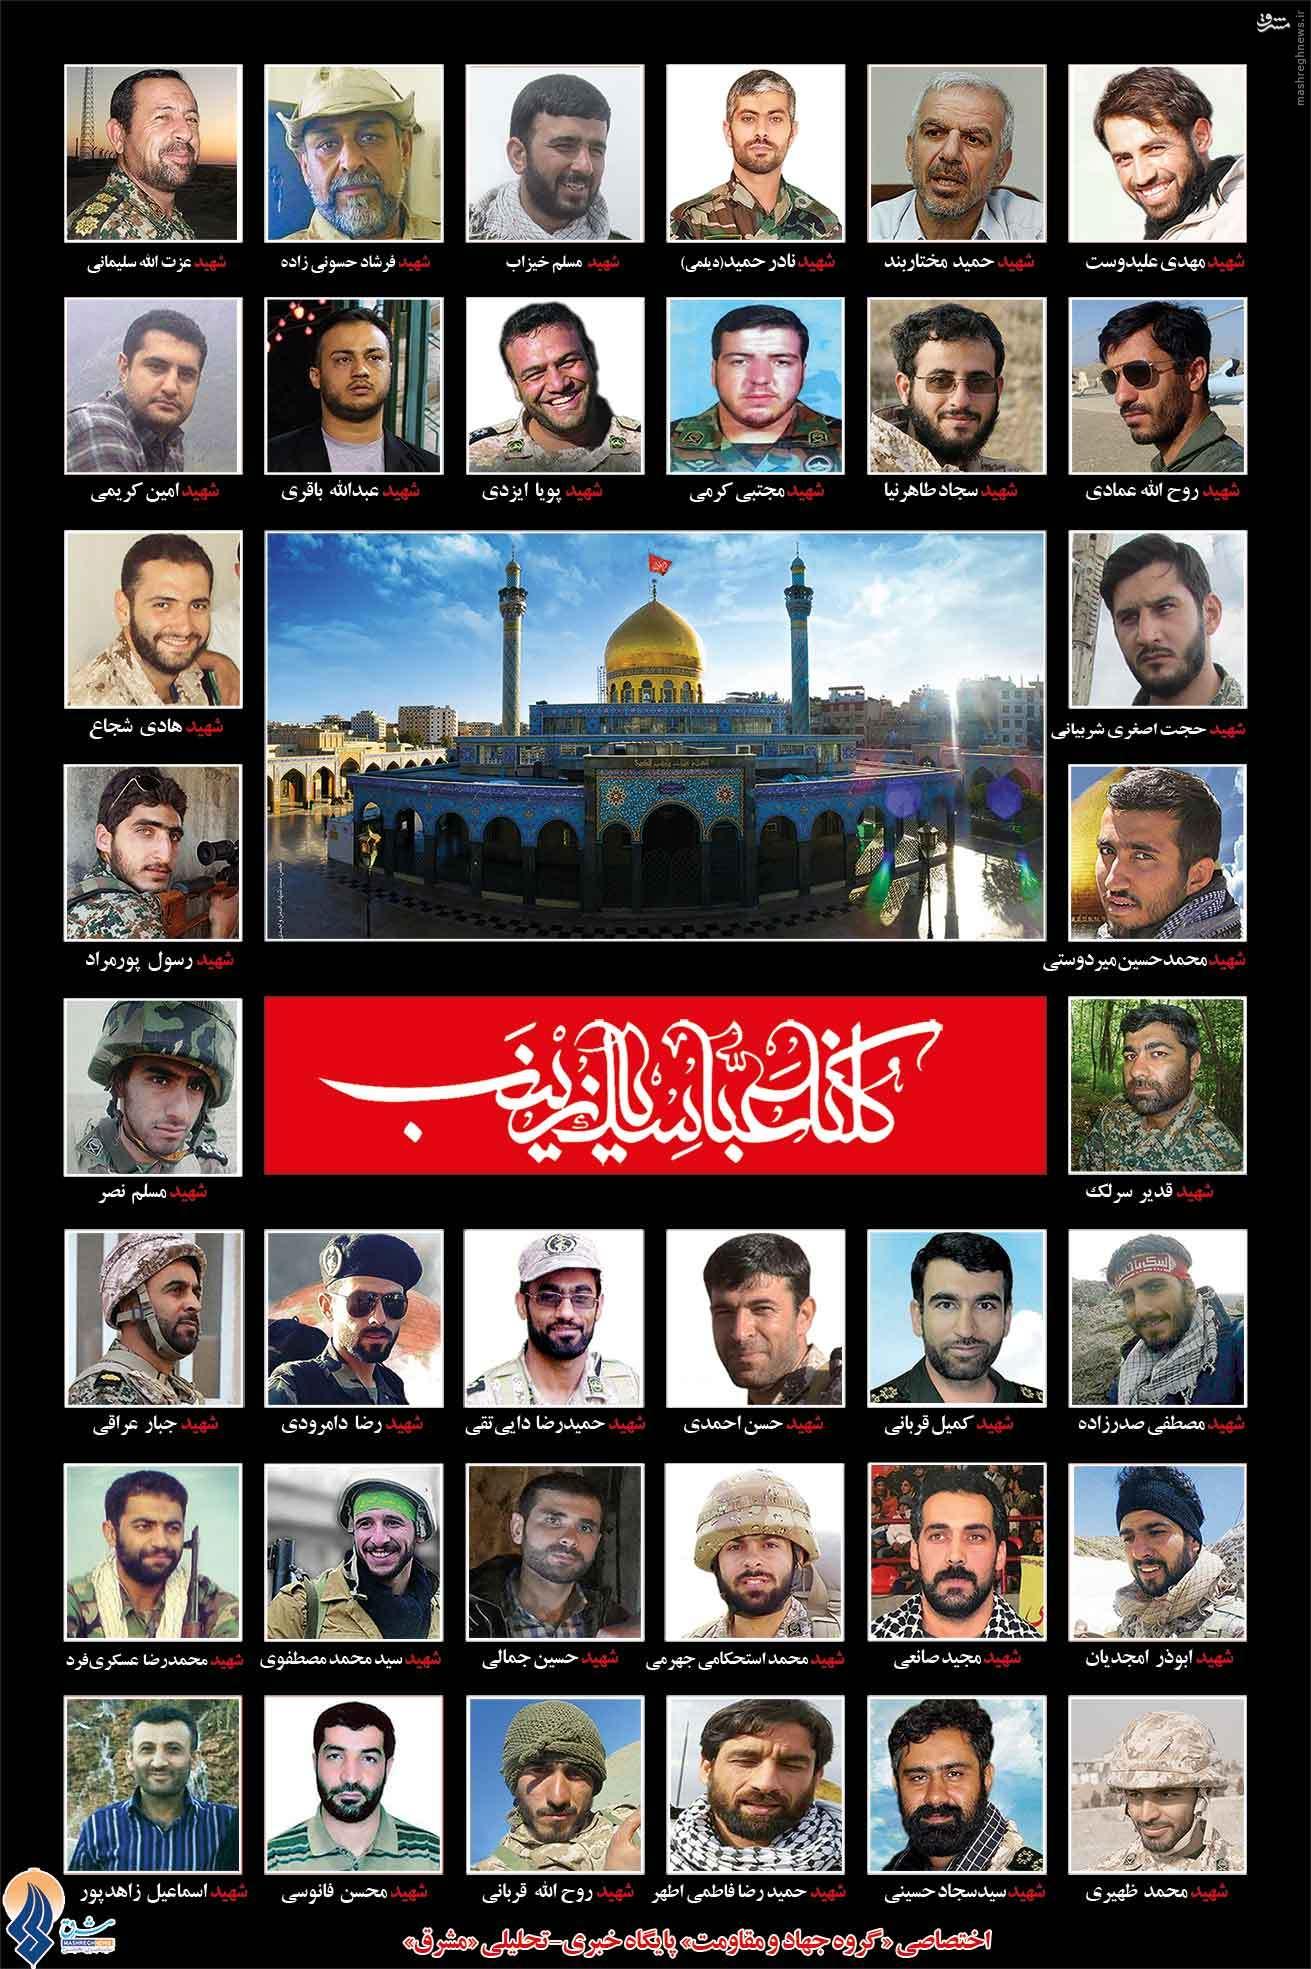 پوستر/ پرچمداران «دفاع از حرم» در «عملیات محرم»